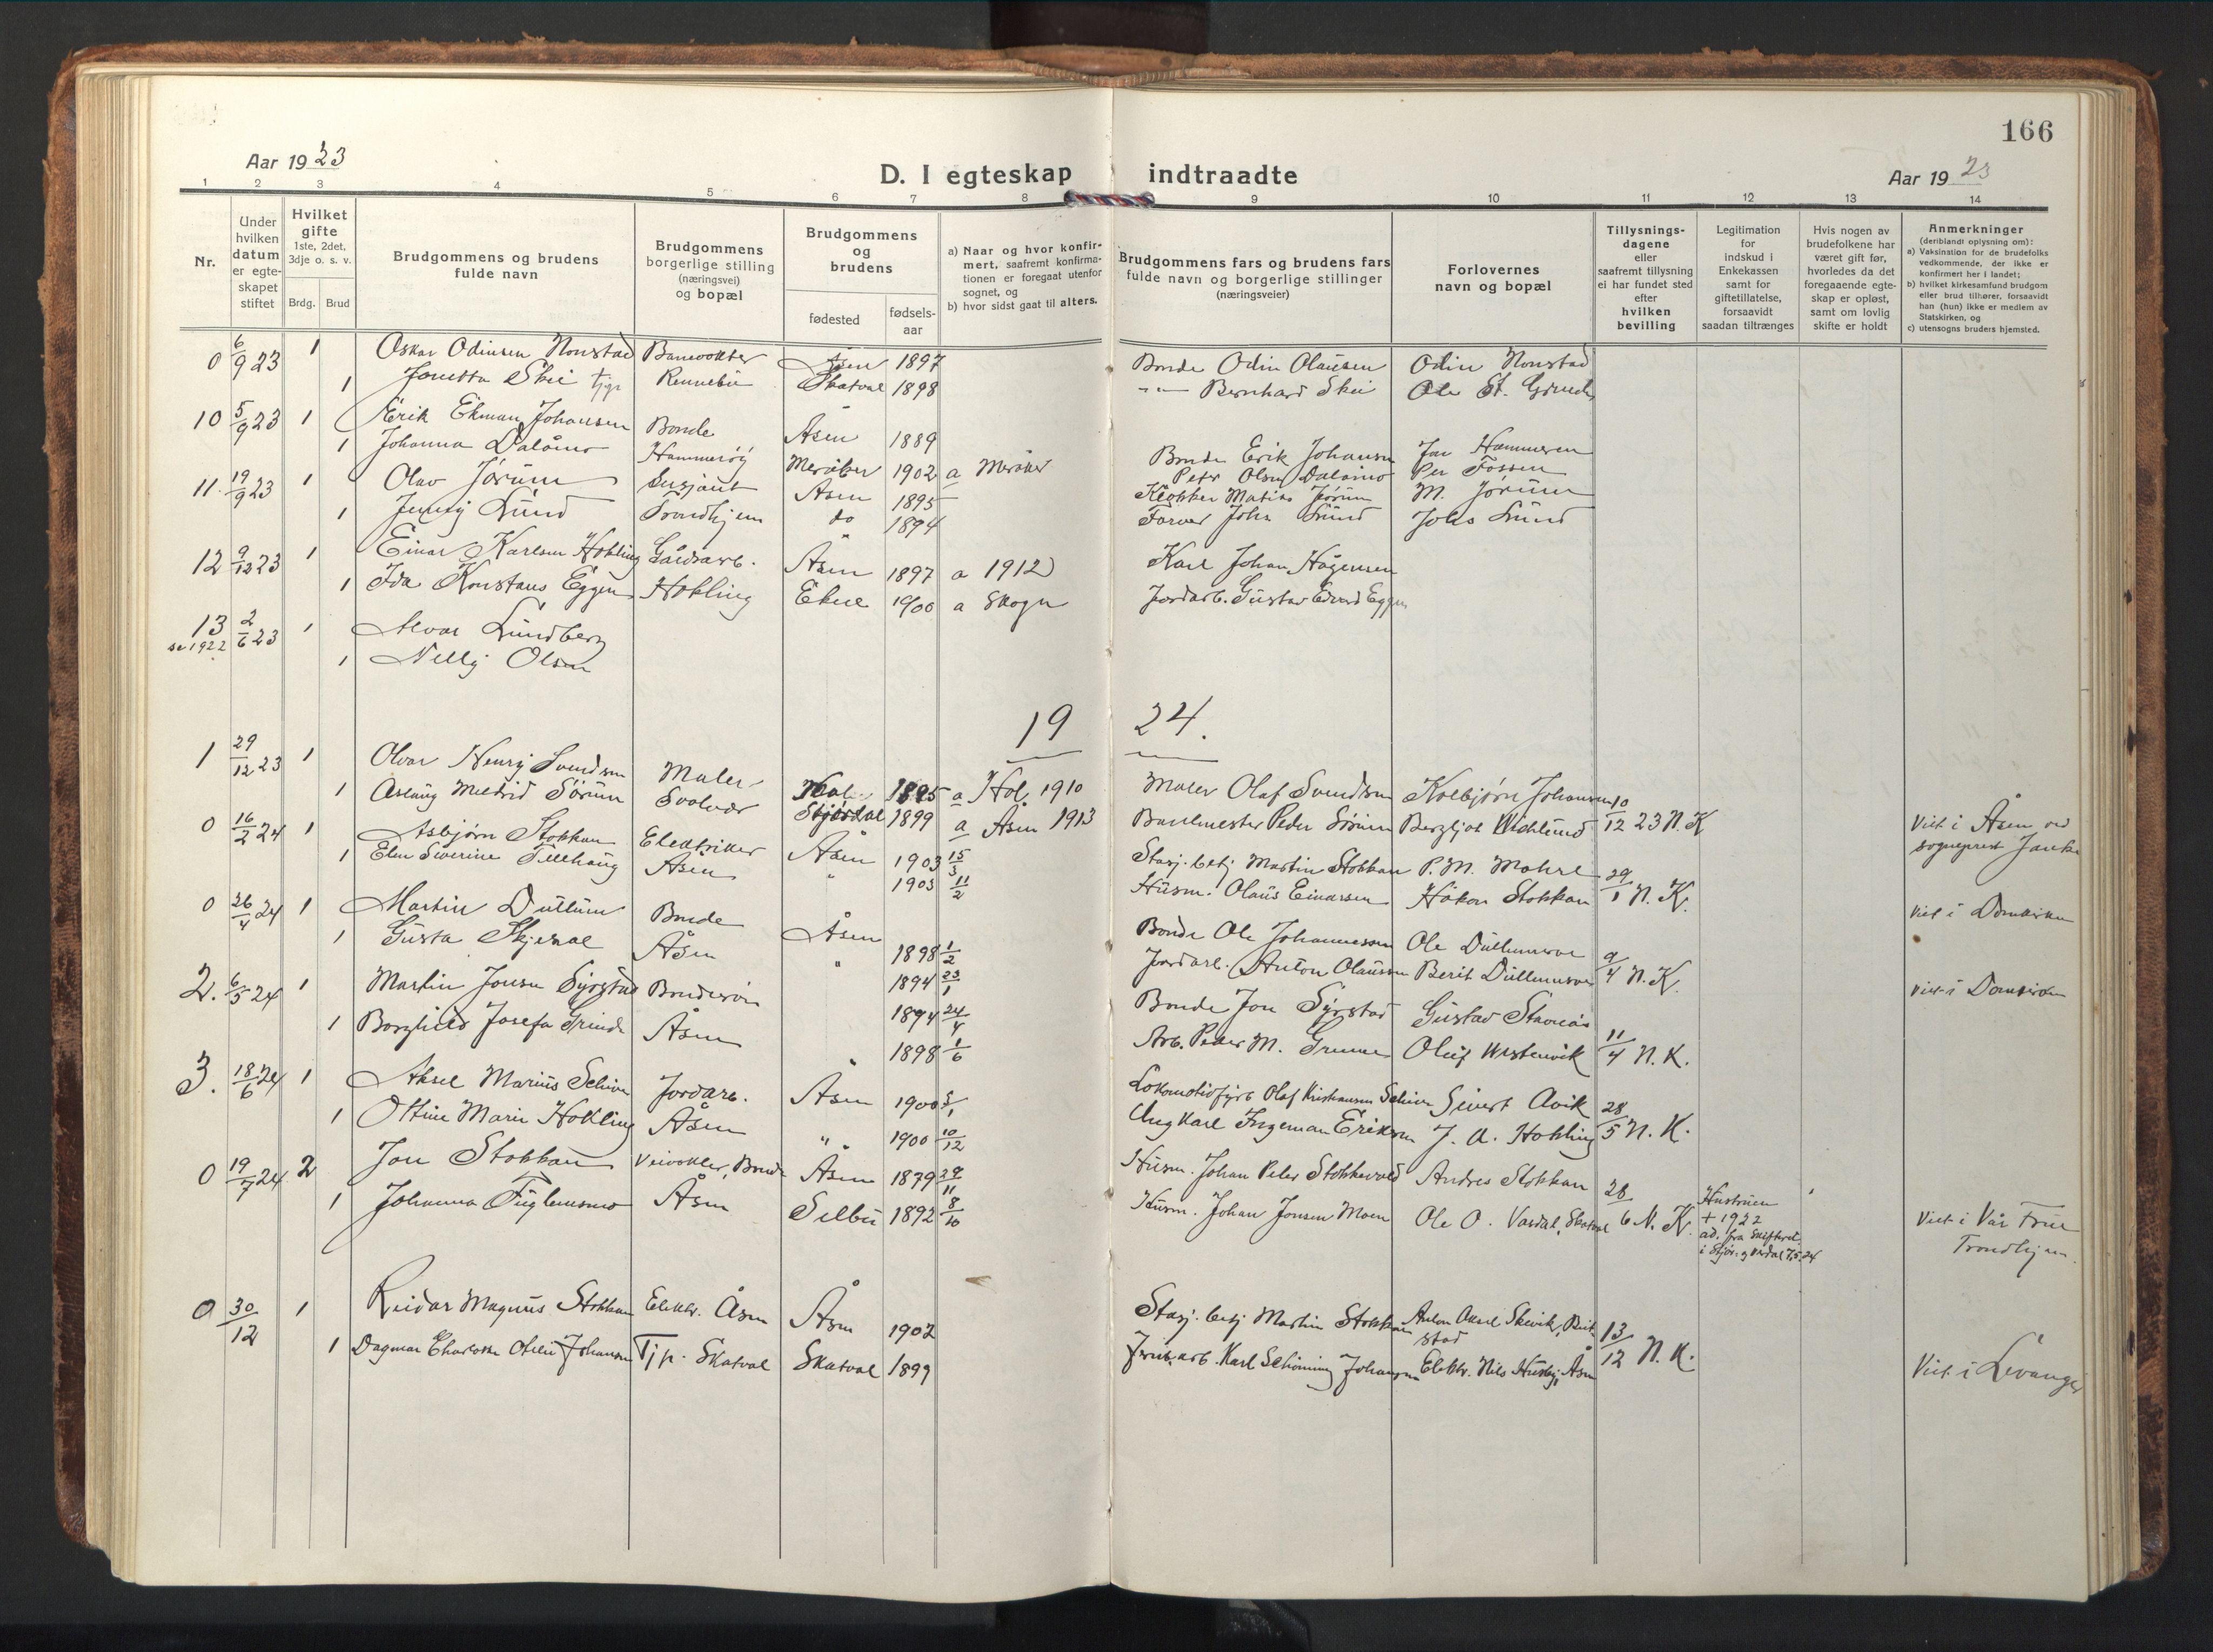 SAT, Ministerialprotokoller, klokkerbøker og fødselsregistre - Nord-Trøndelag, 714/L0136: Klokkerbok nr. 714C05, 1918-1957, s. 166